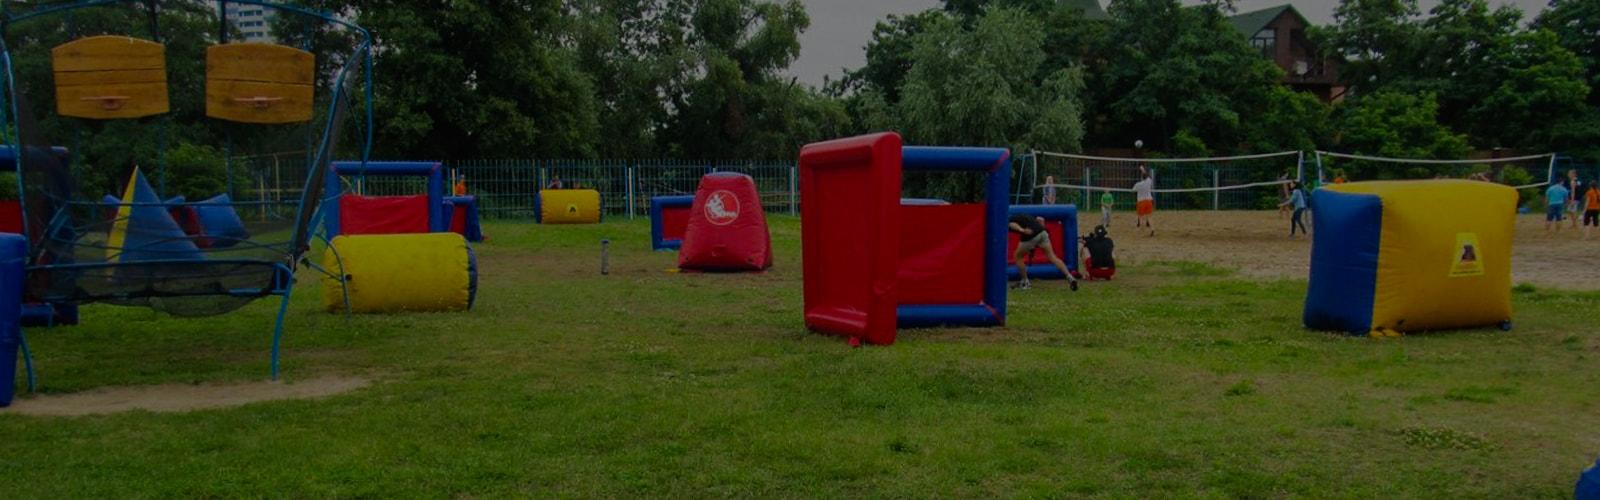 День молодежи с пейнтбольным клубом «Форпост»